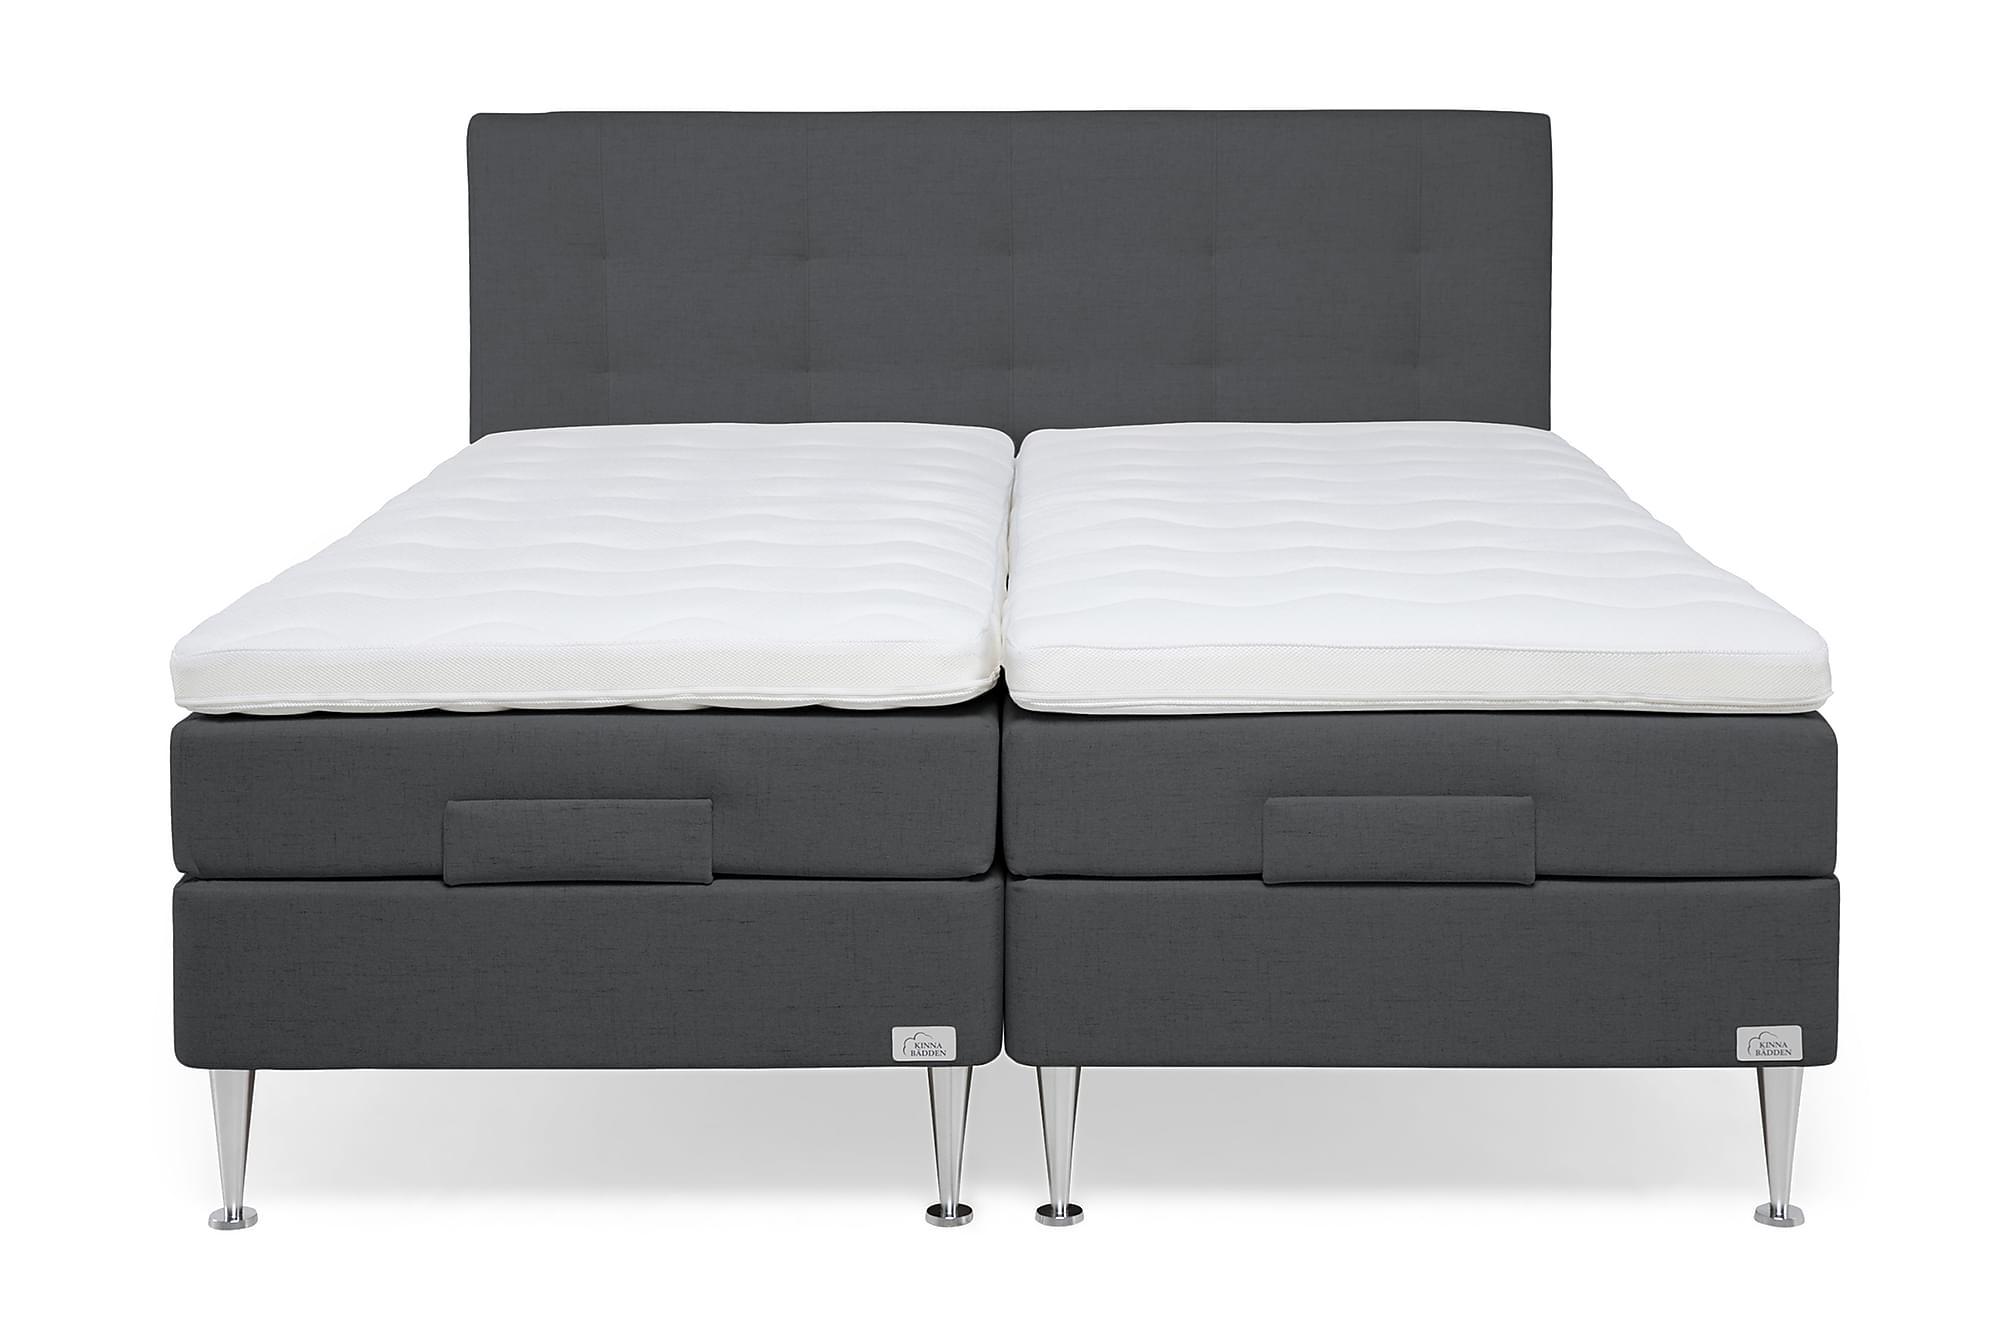 LENOX Ställbar Säng 180 Fast/Fast + Sänggavel Antracit, Ställbara sängar